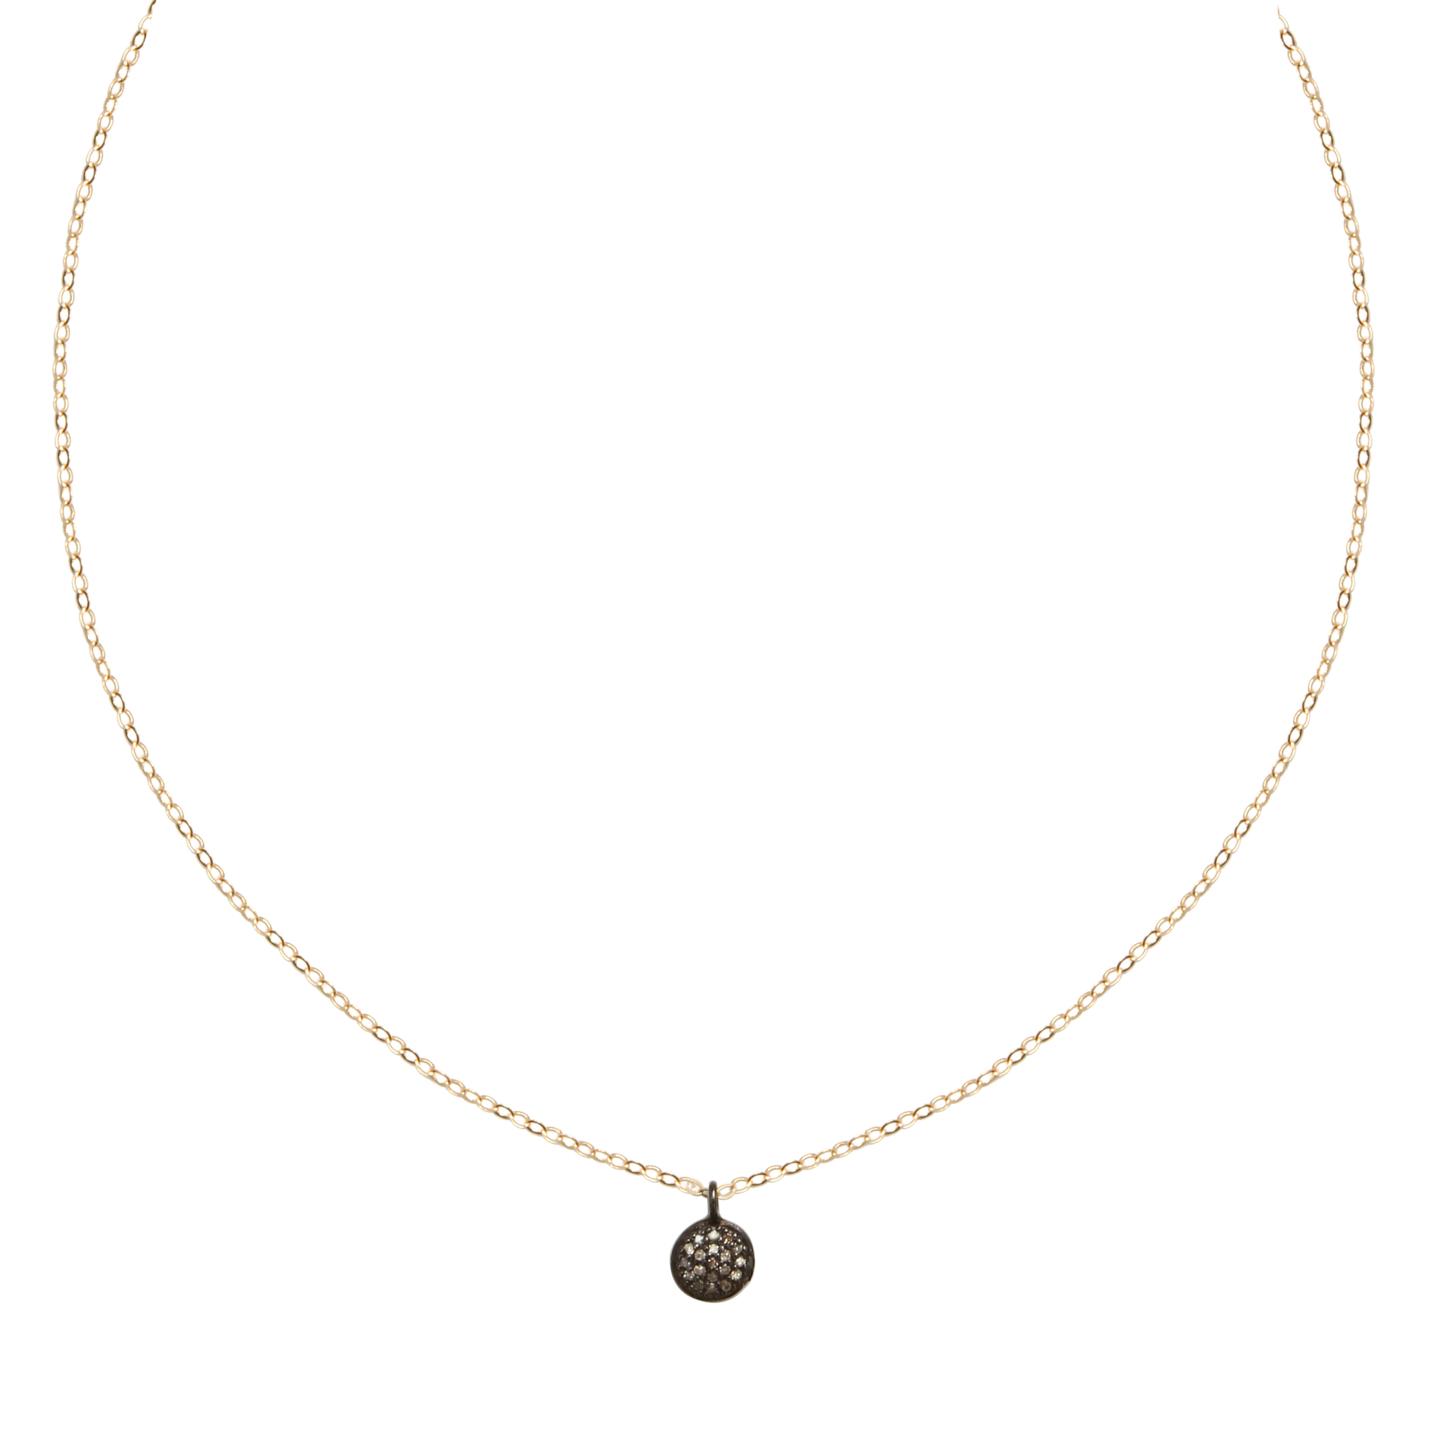 collier ras de cou 38 cm